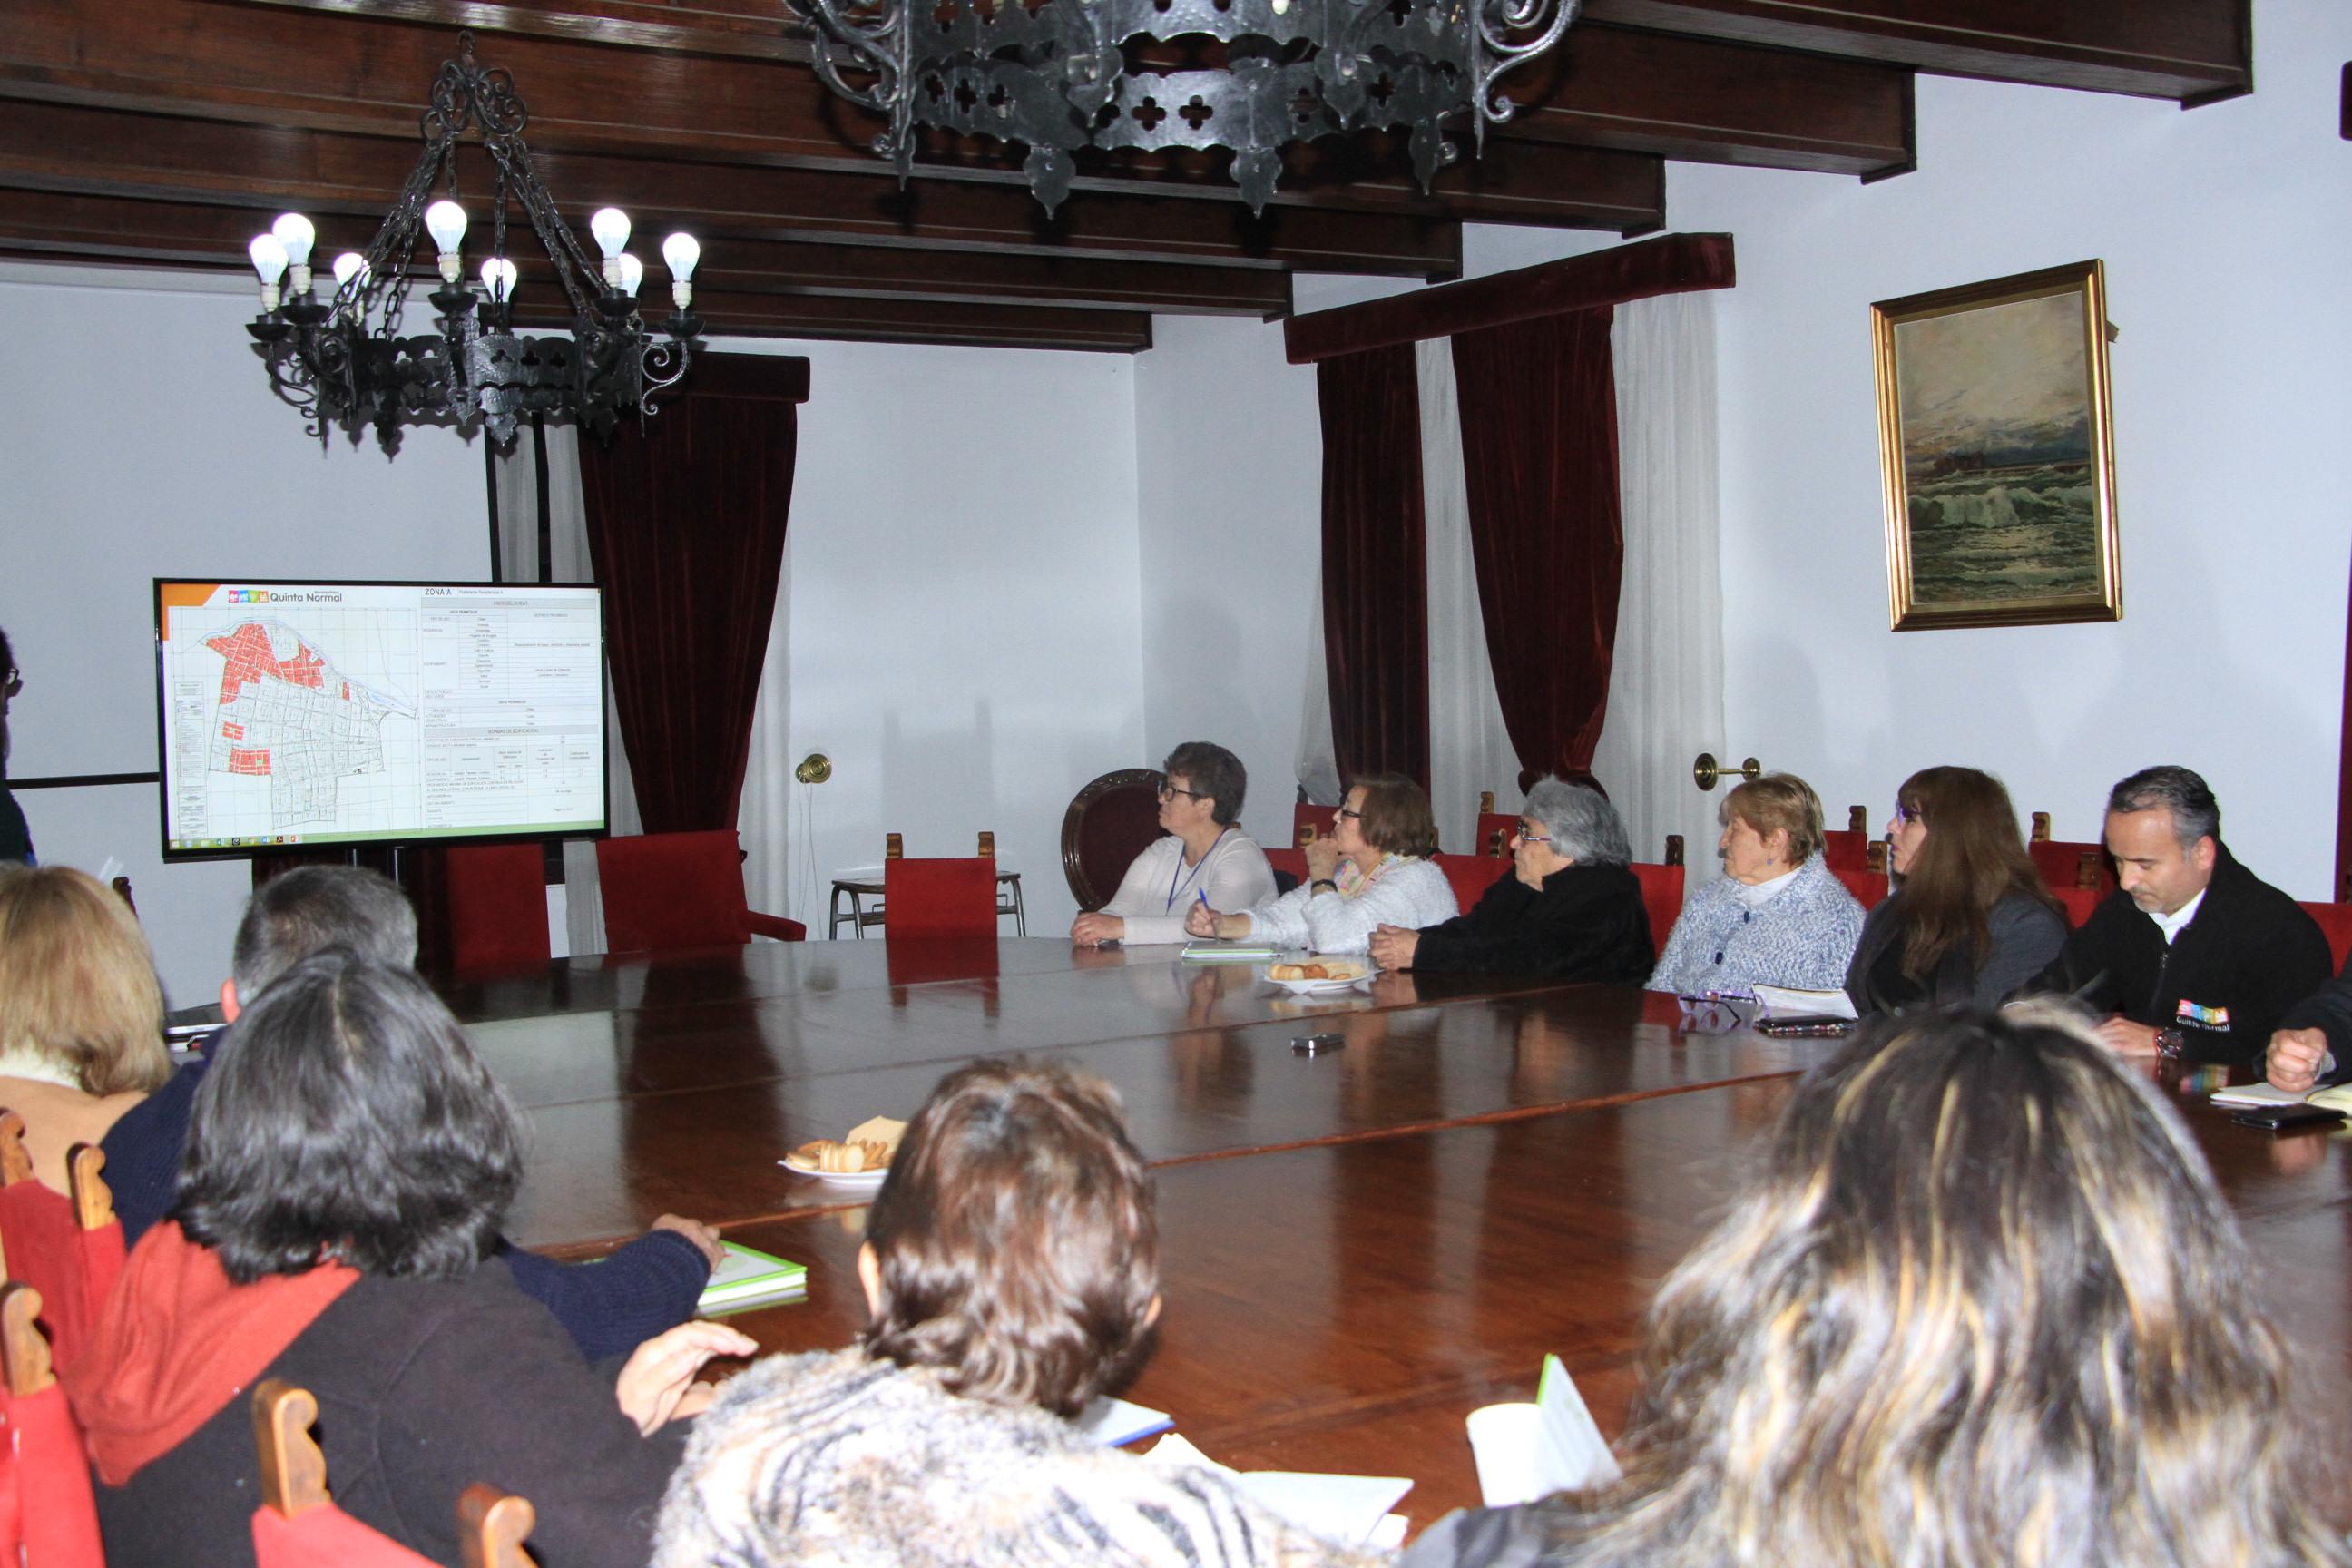 Comienzan presentaciones de la actualización del Plan Regulador Comunal